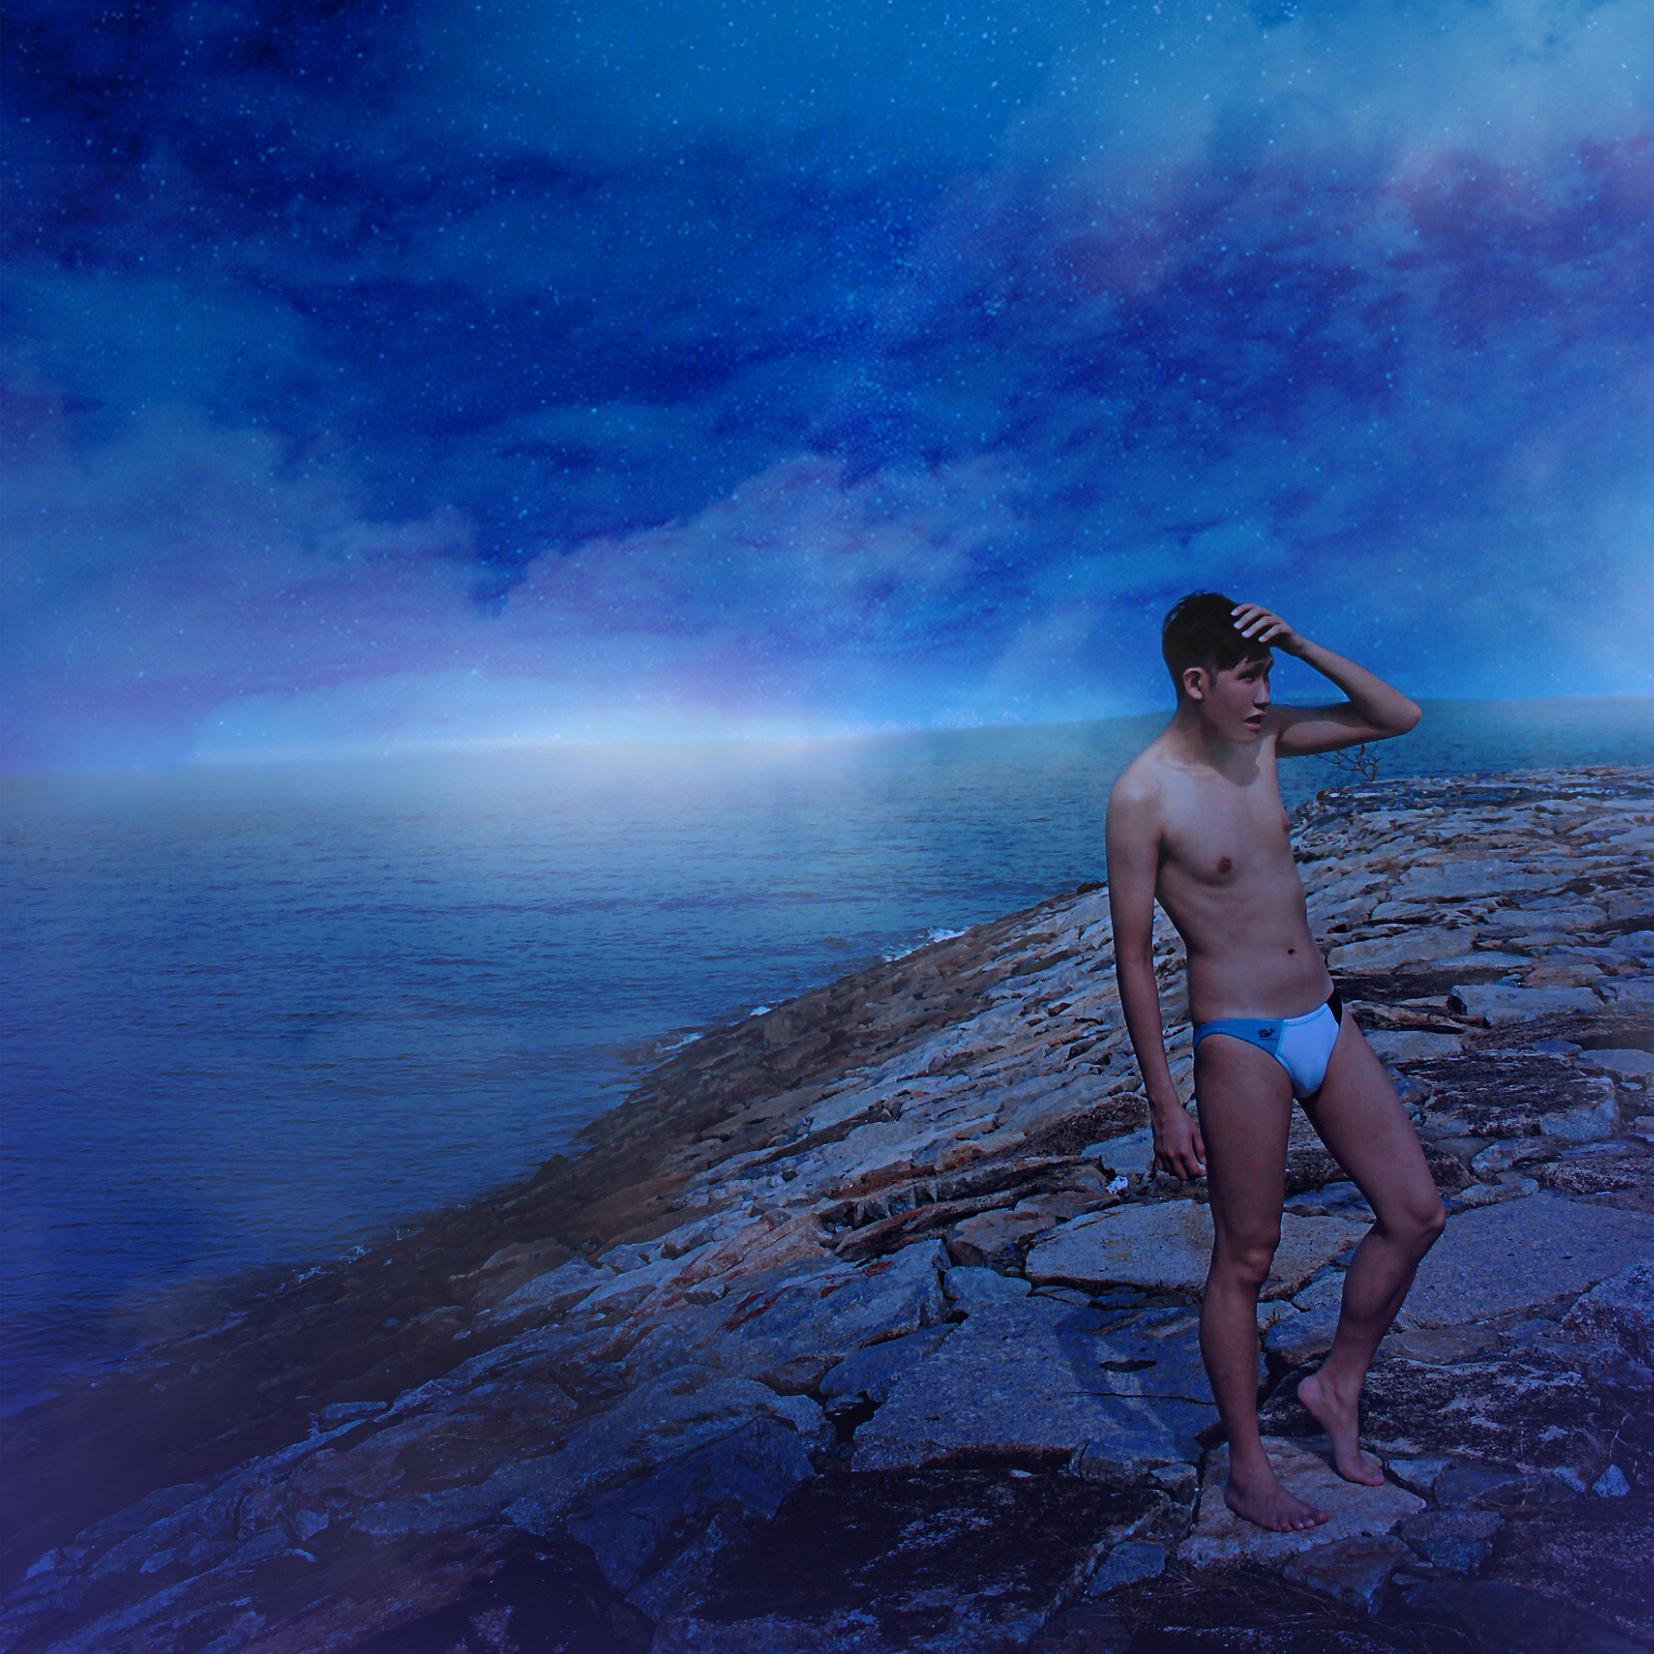 The Genesis Digital Art by Alvin Sim